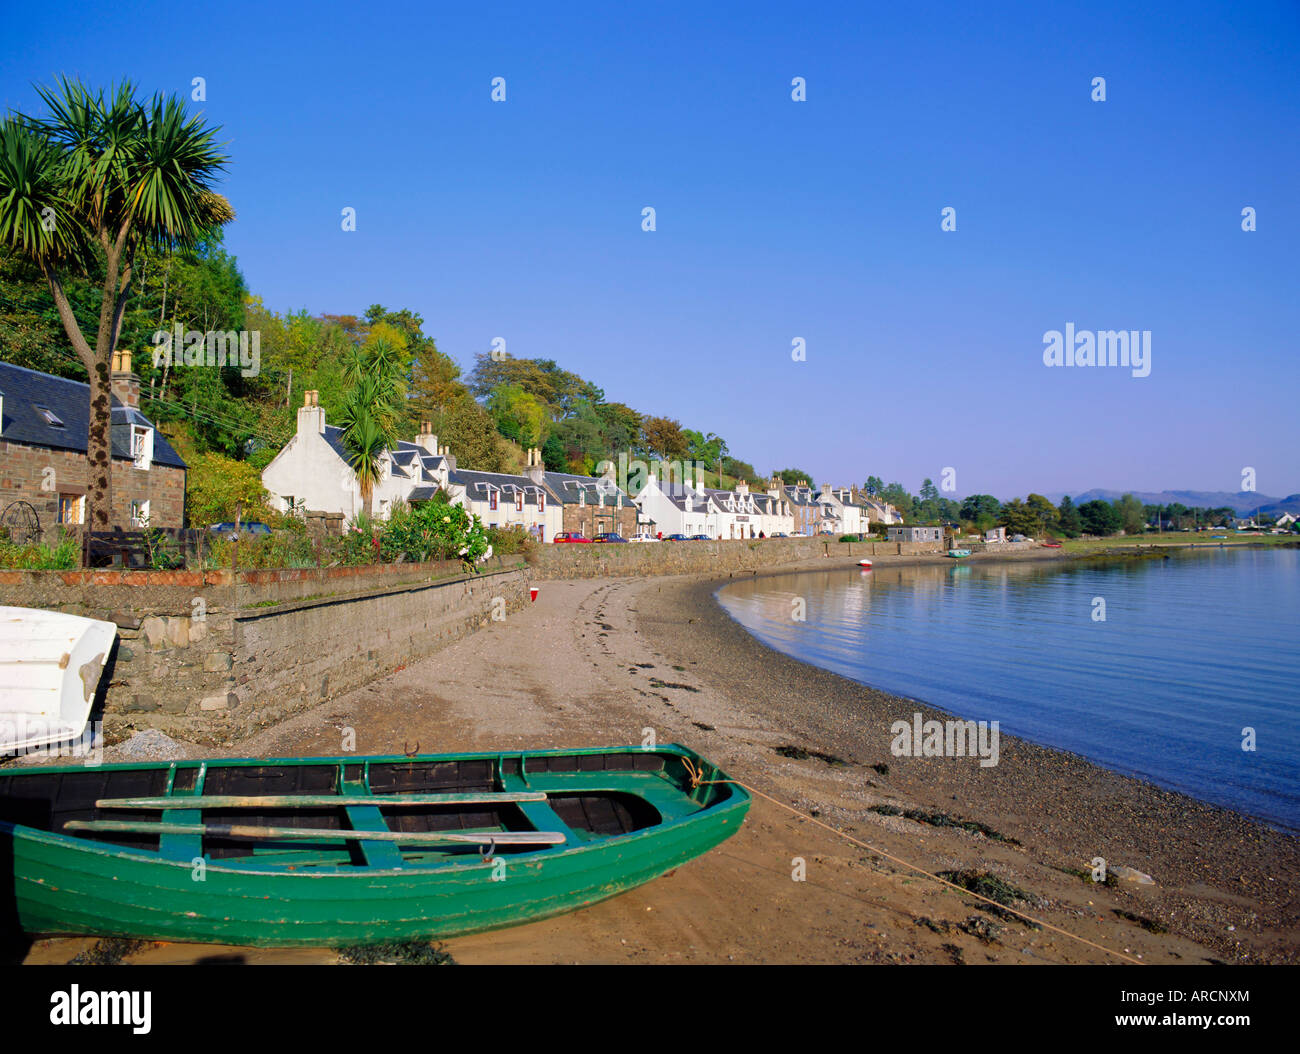 Plockton, North West Highlands, Highlands Region, Scotland, UK, Europe - Stock Image